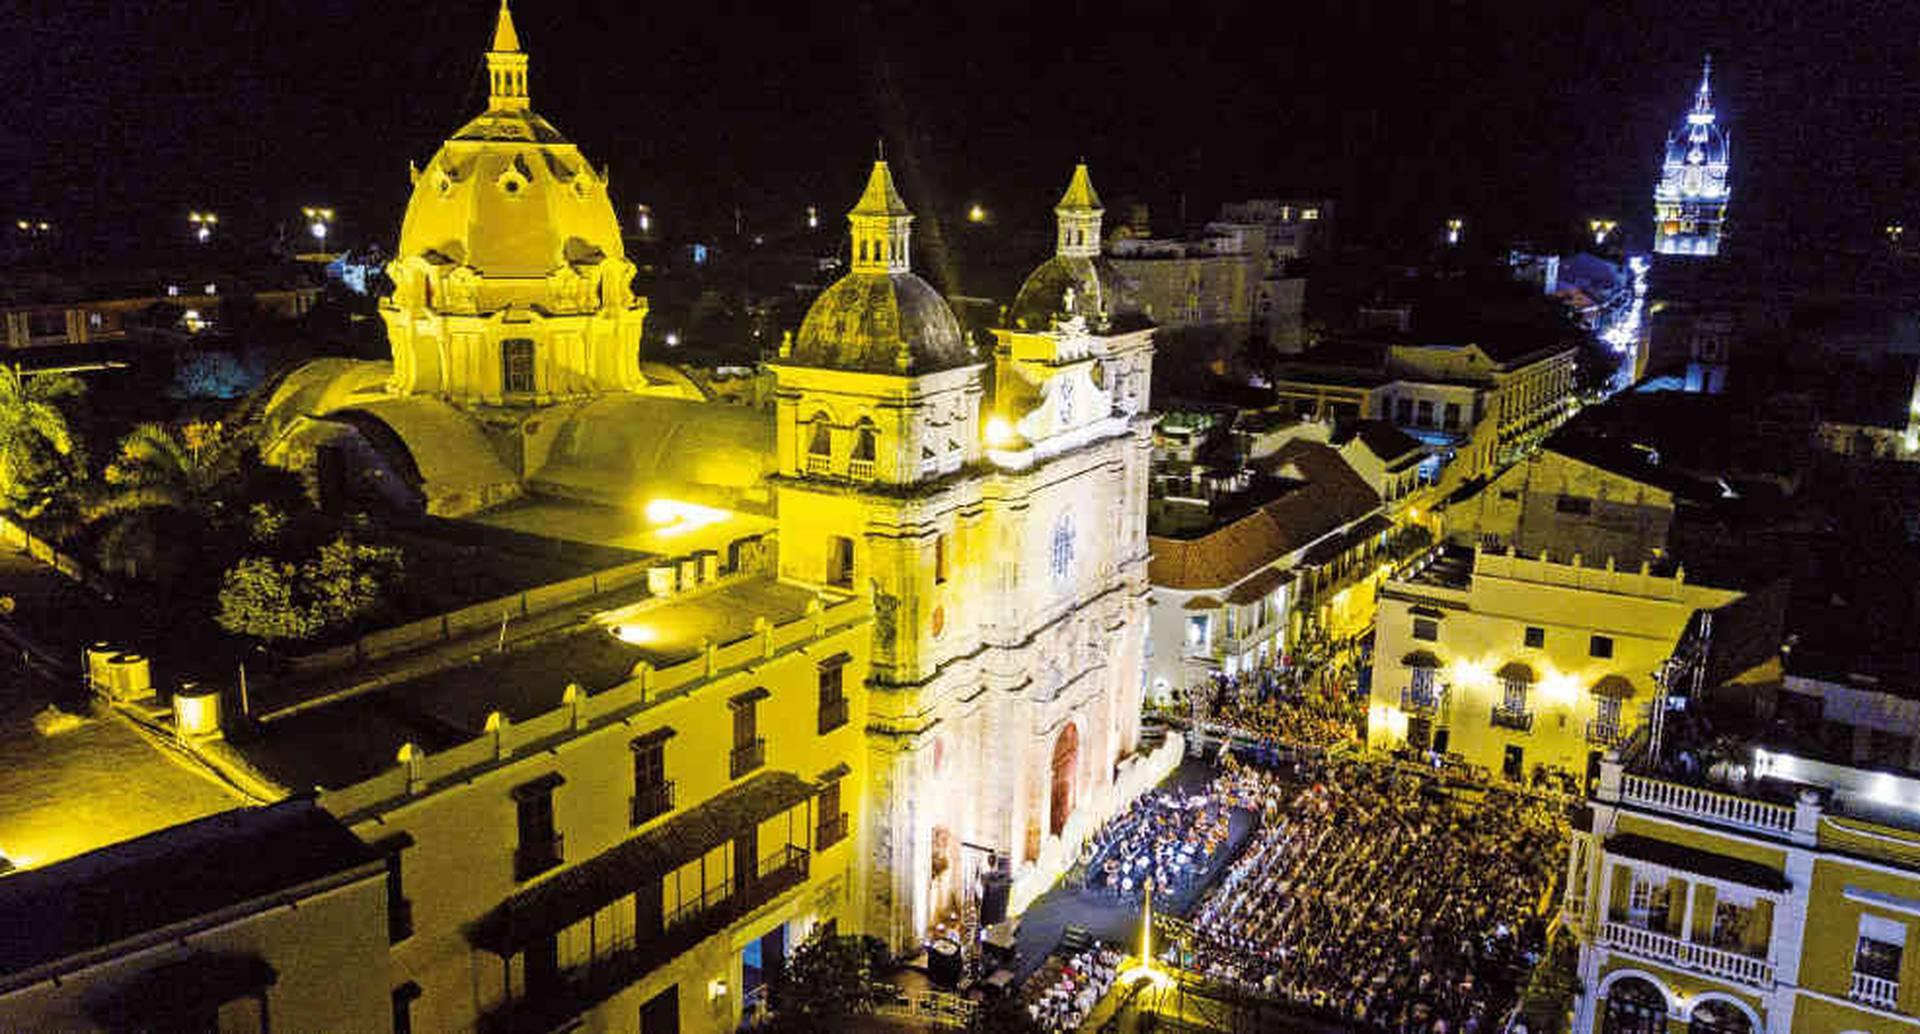 Los teatros, iglesias, plazas y parques de Cartagena ofrecen al festival sus inigualables escenarios.